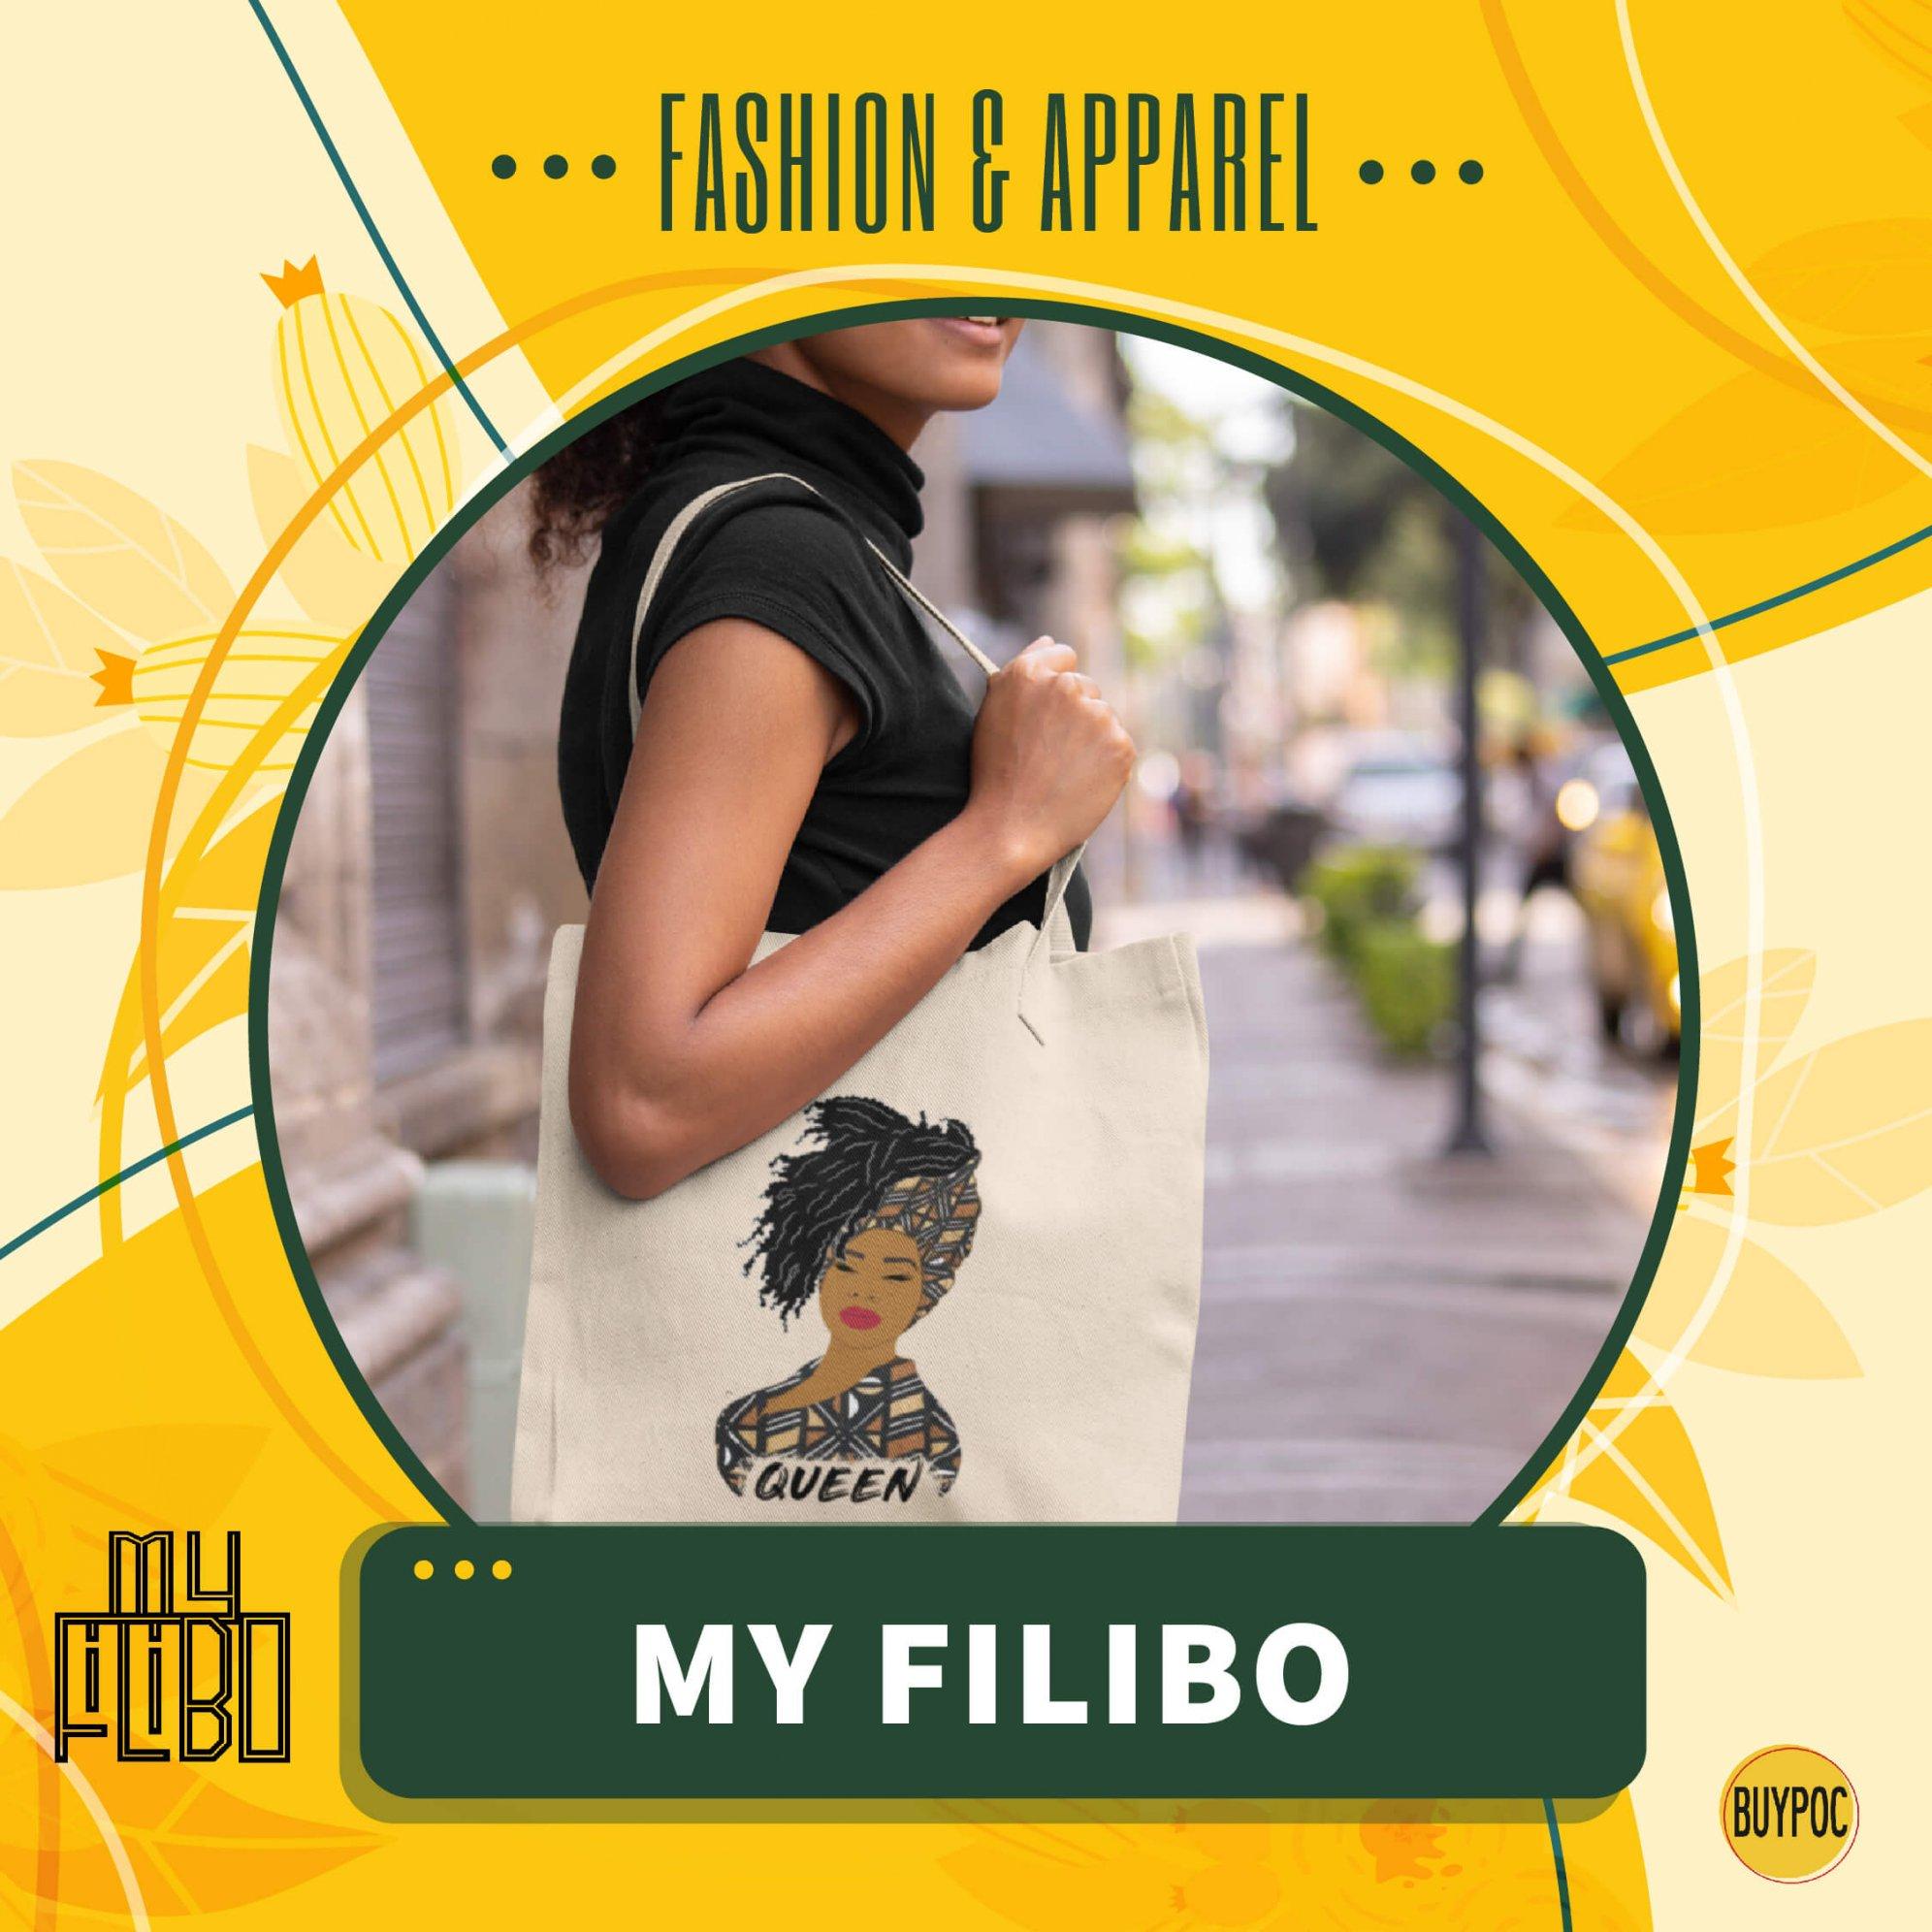 My Filibo